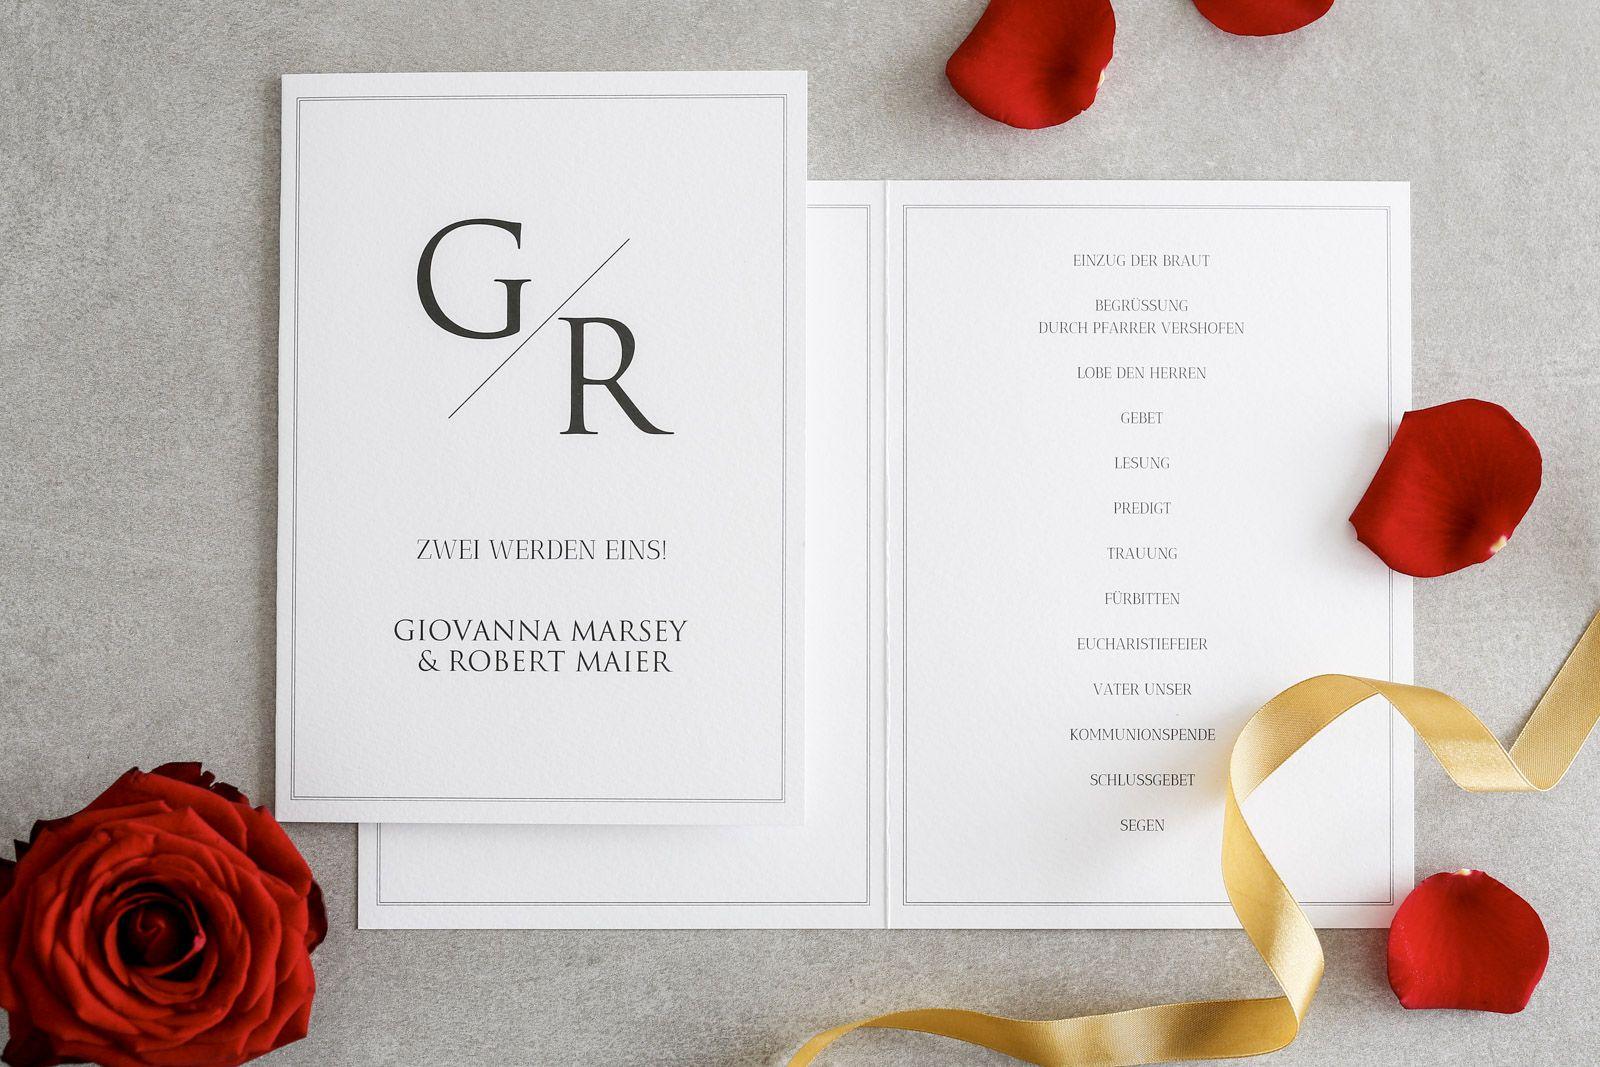 Wenn Ihr Euch Fur Eine Kirchliche Trauung Entschieden Habt Empfiehlt Es Sich Den Ablauf Der Zeremonie In Einem Kirch Hochzeitslogos Kirchenheft Karte Hochzeit